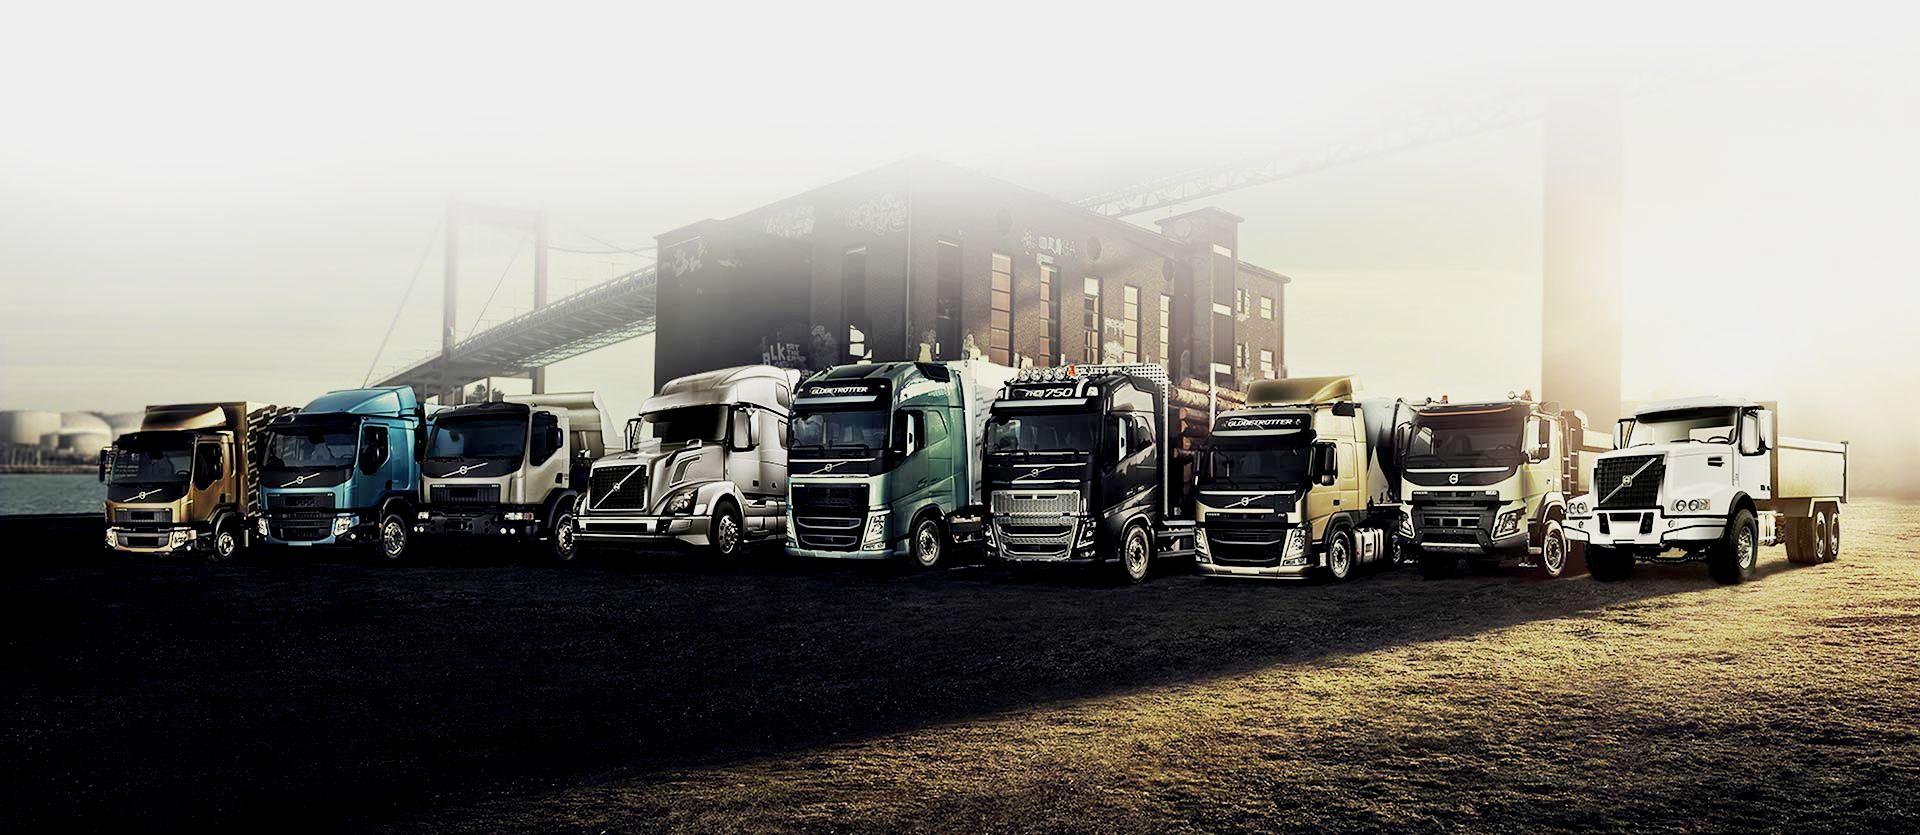 Volvo Trucks zelebriert das 90ste Jubiläum